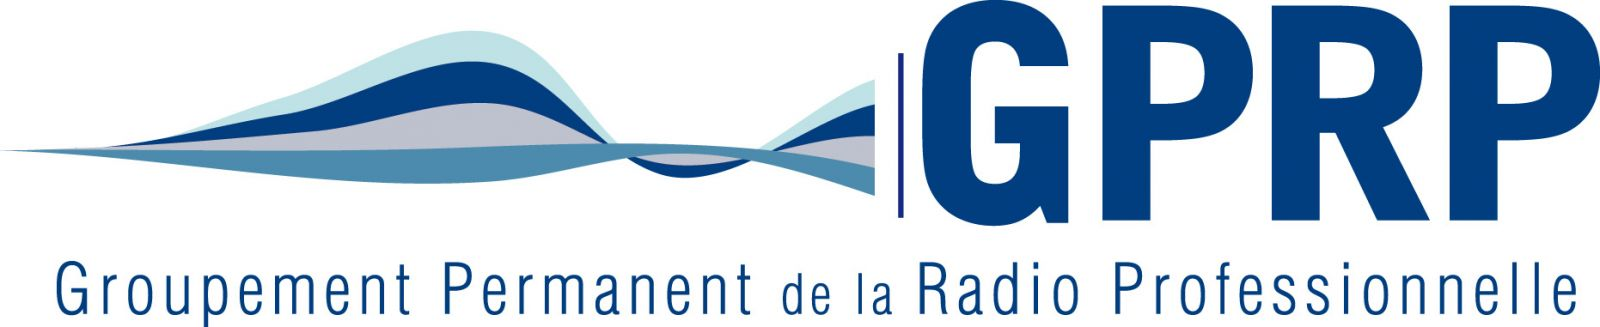 Membre du GPRP - Groupement Permanent de la Radio Professionnelle